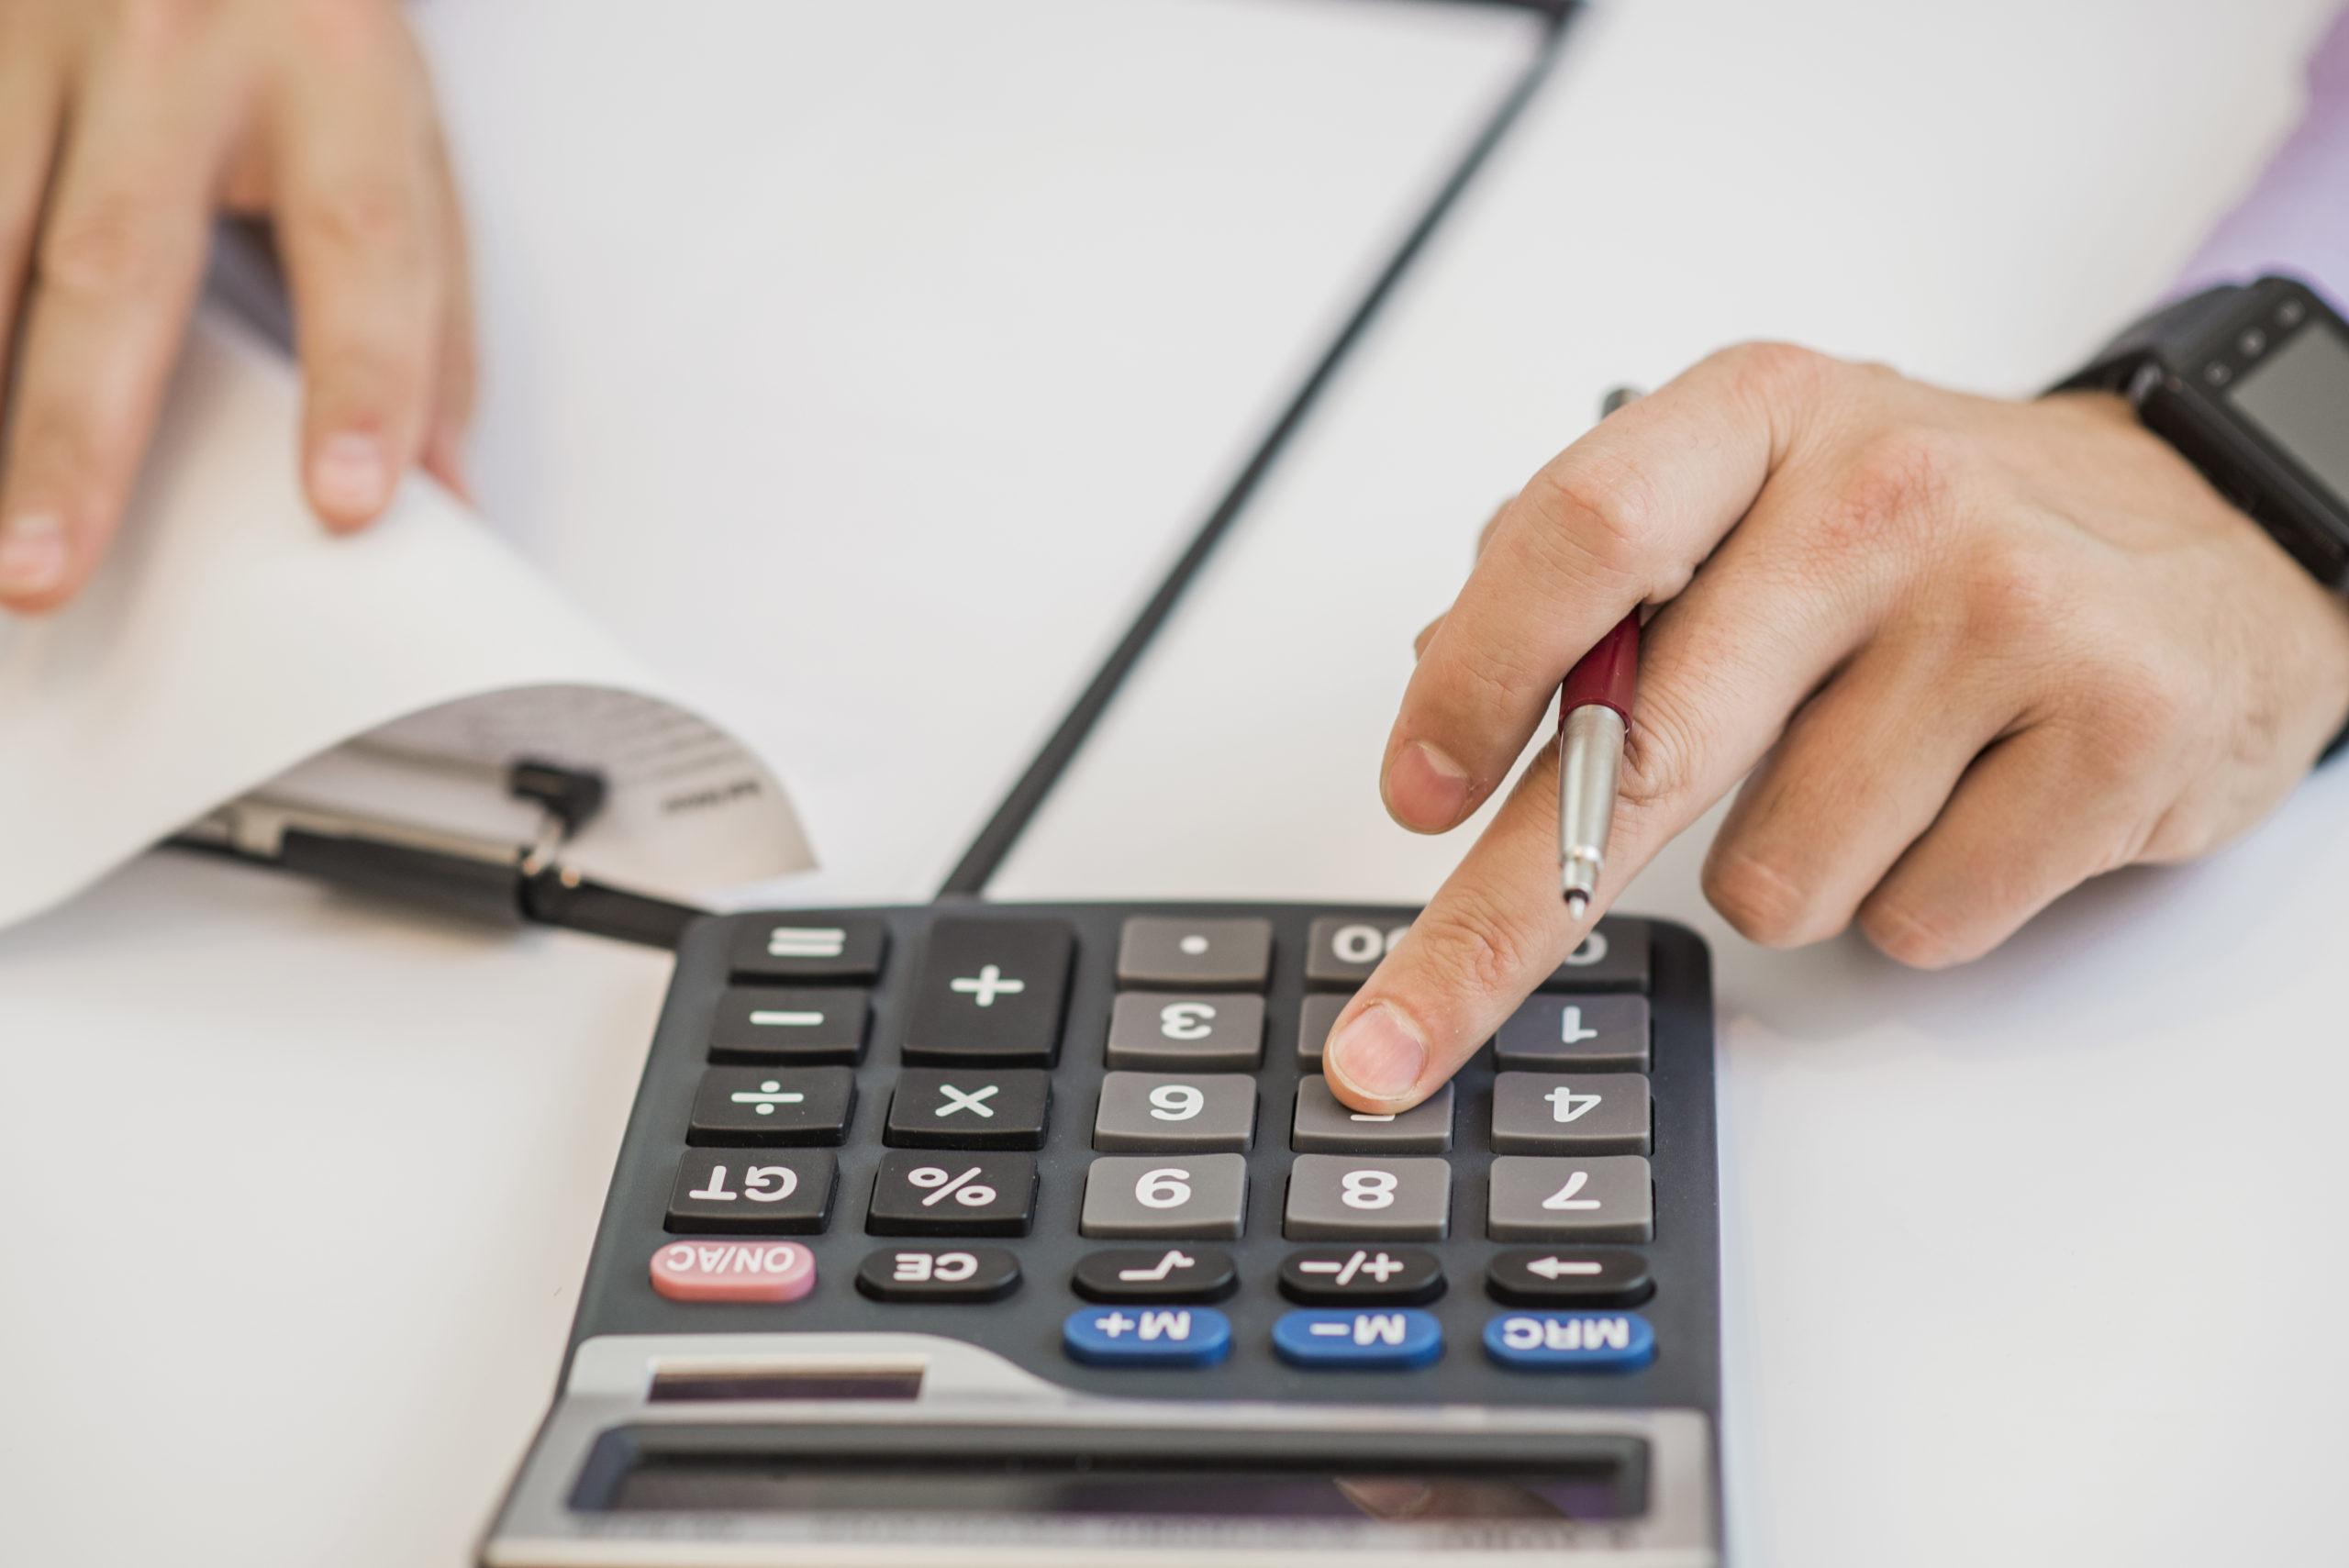 Come sollecitare il pagamento di una fattura